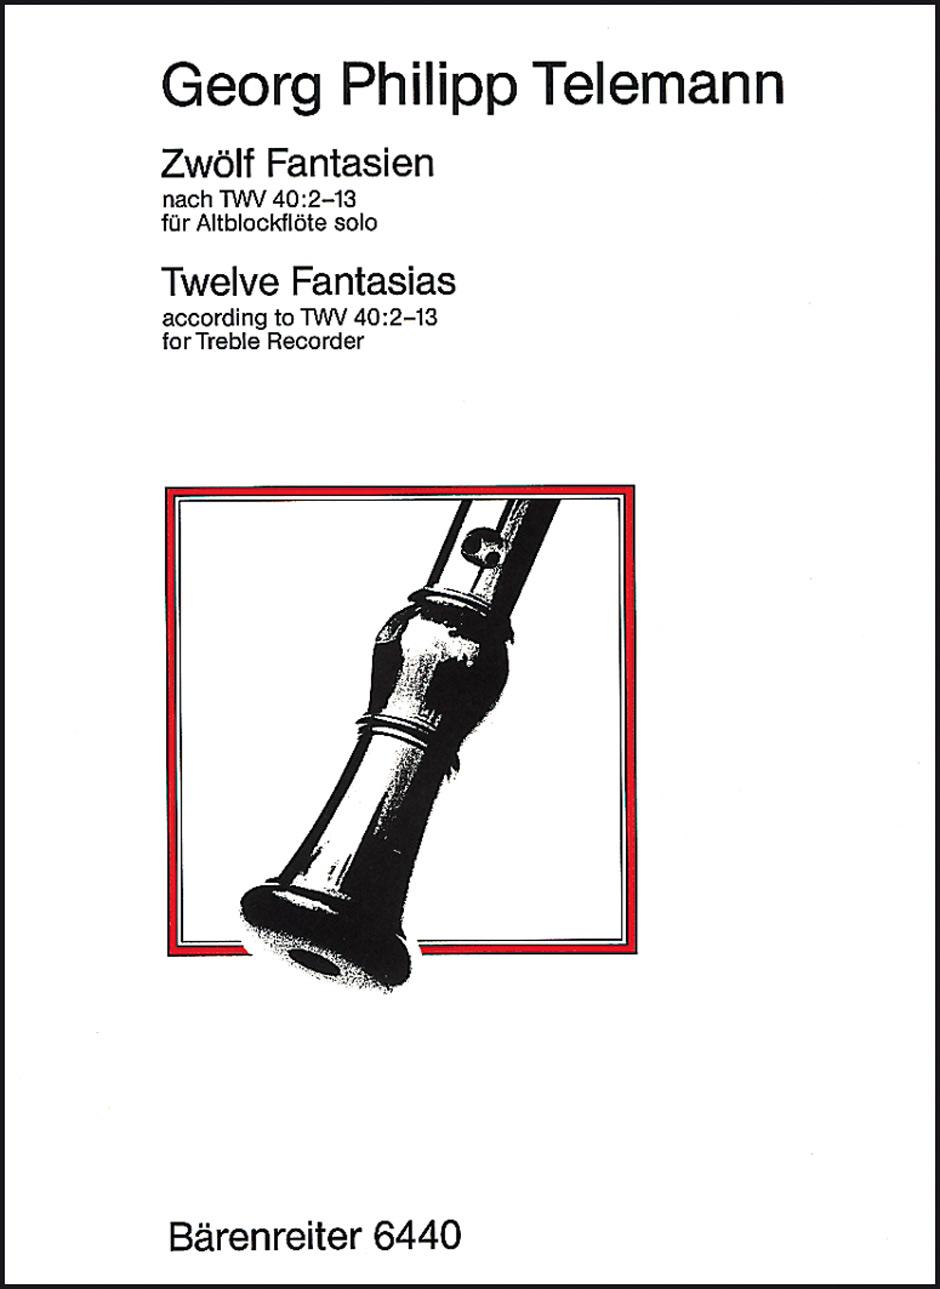 12 Fantasias Vol 40 No. 2-13